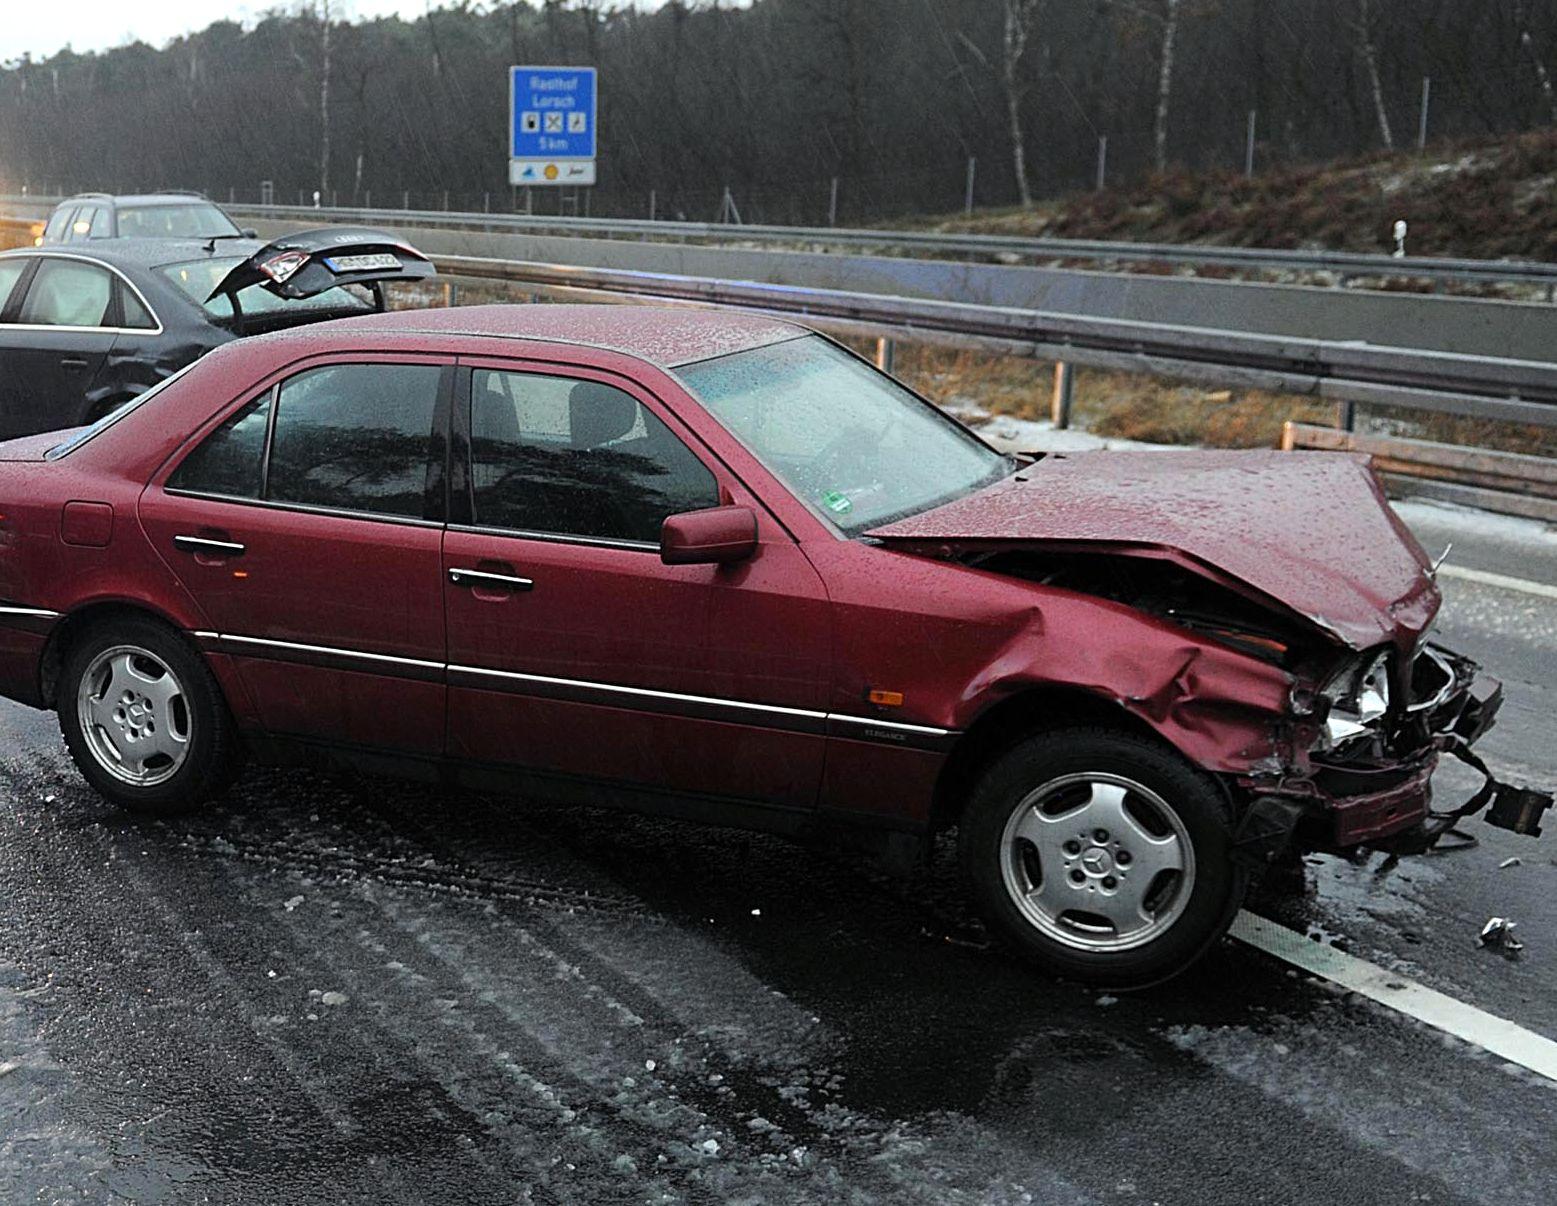 Autounfall / verkehrsunfall